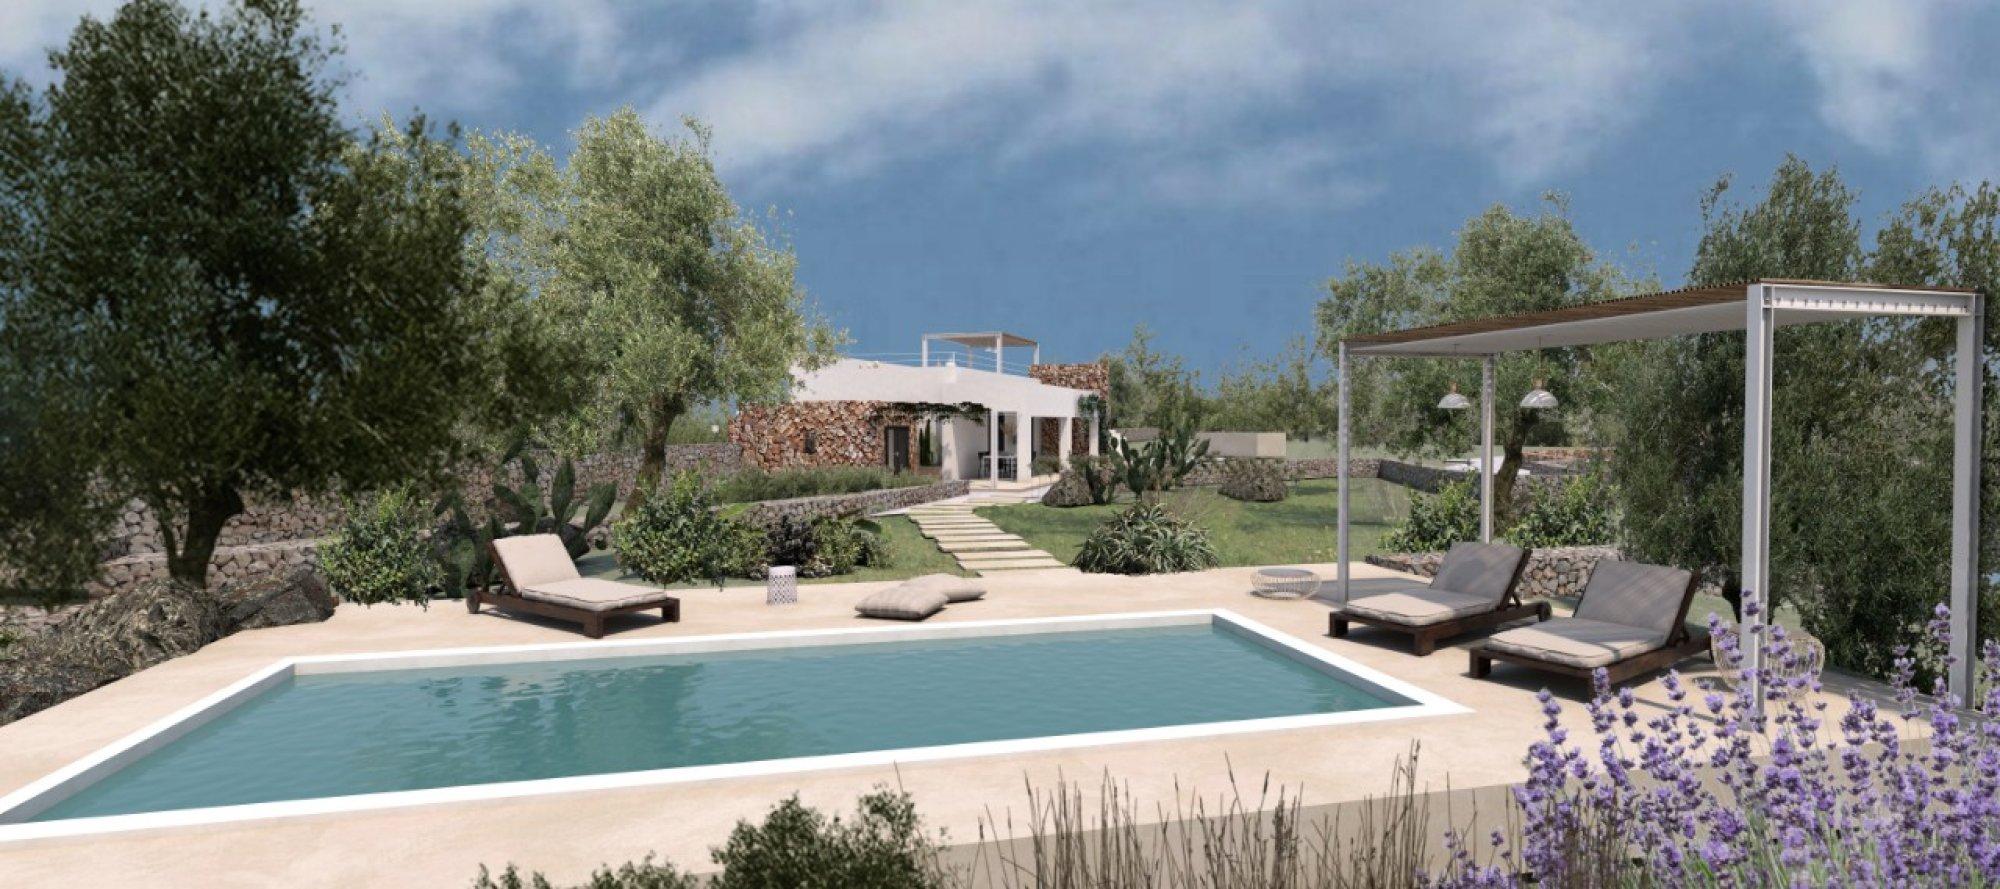 Casa antica tipica, con progetto di Restyling, con piscina - Morciano di Leuca